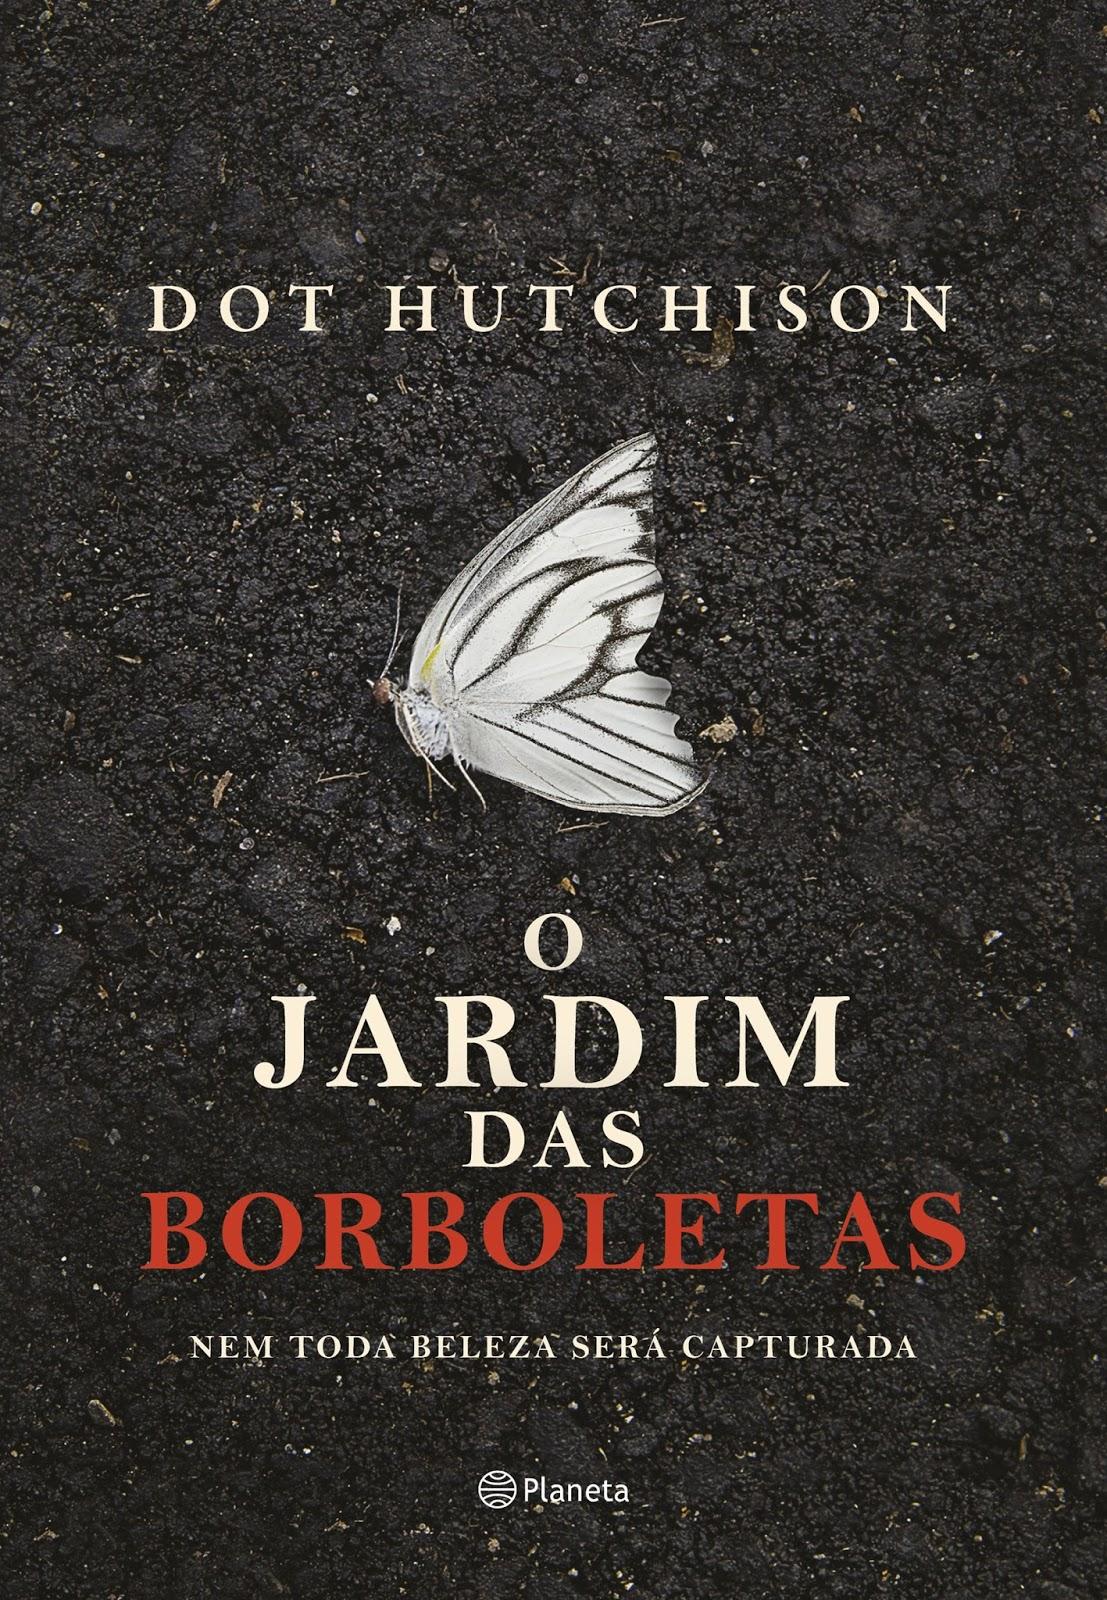 SEMPRE ROMÂNTICA!!: O Jardim das Borboletas - Dot Hutchison